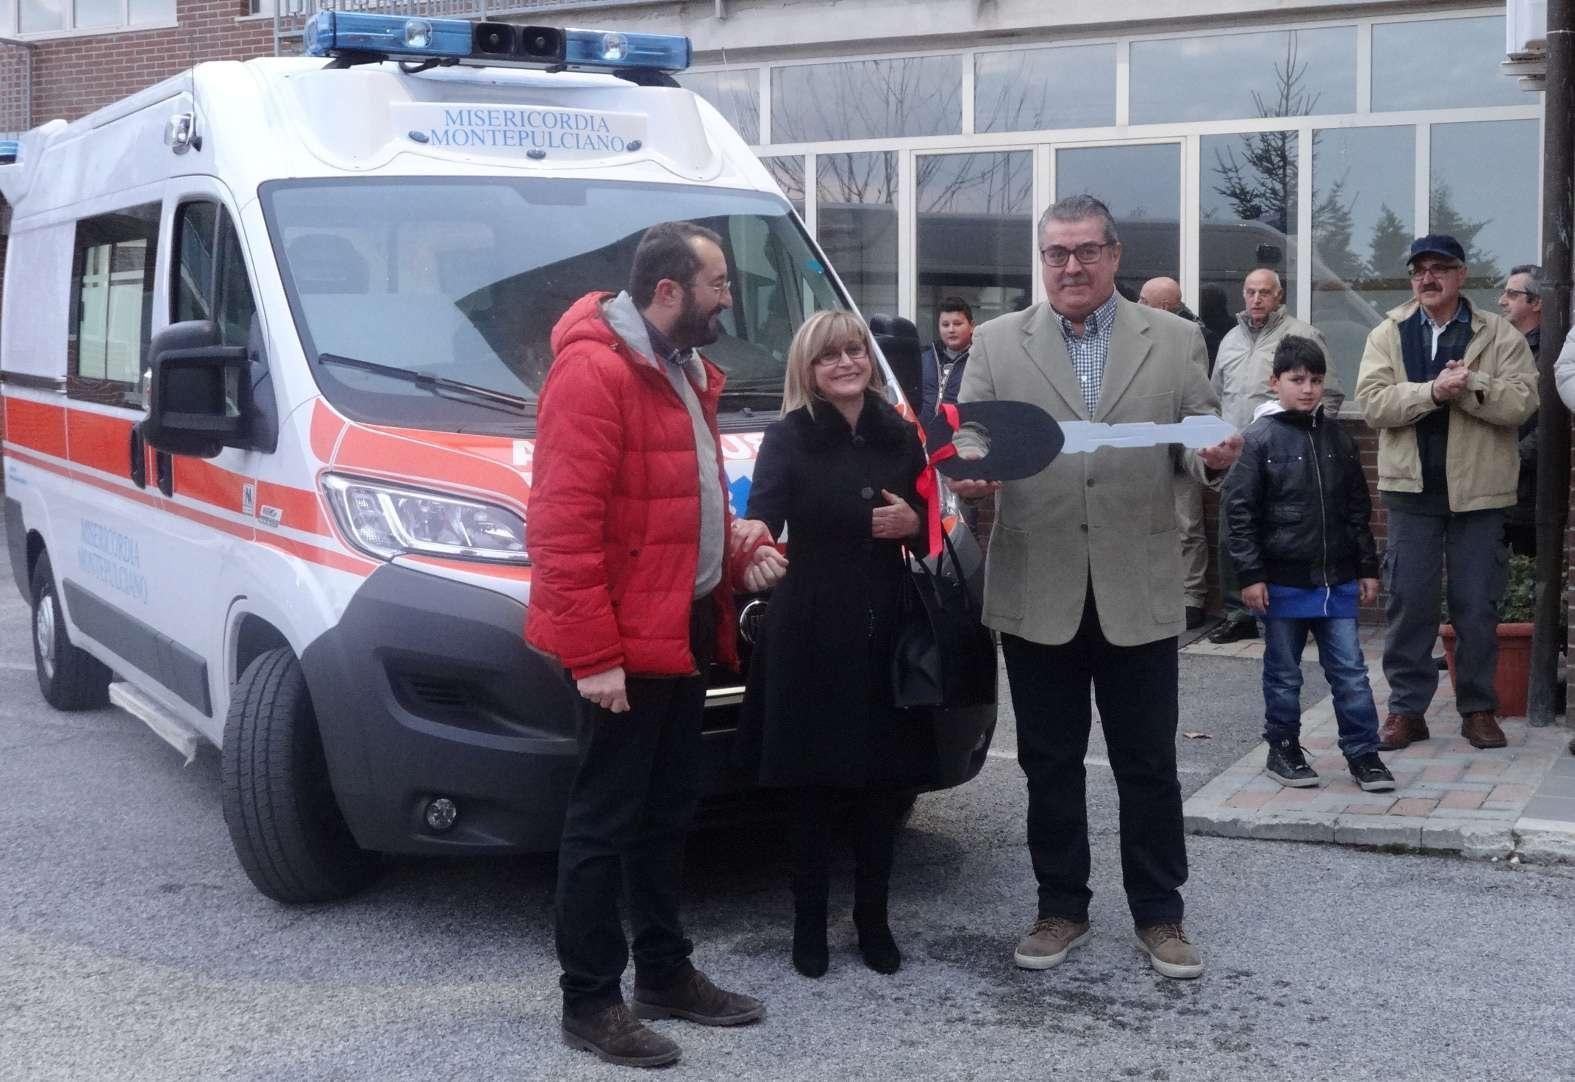 Montepulciano, la famiglia Giannini - Santinelli dona un'ambulanza alla Misericordia